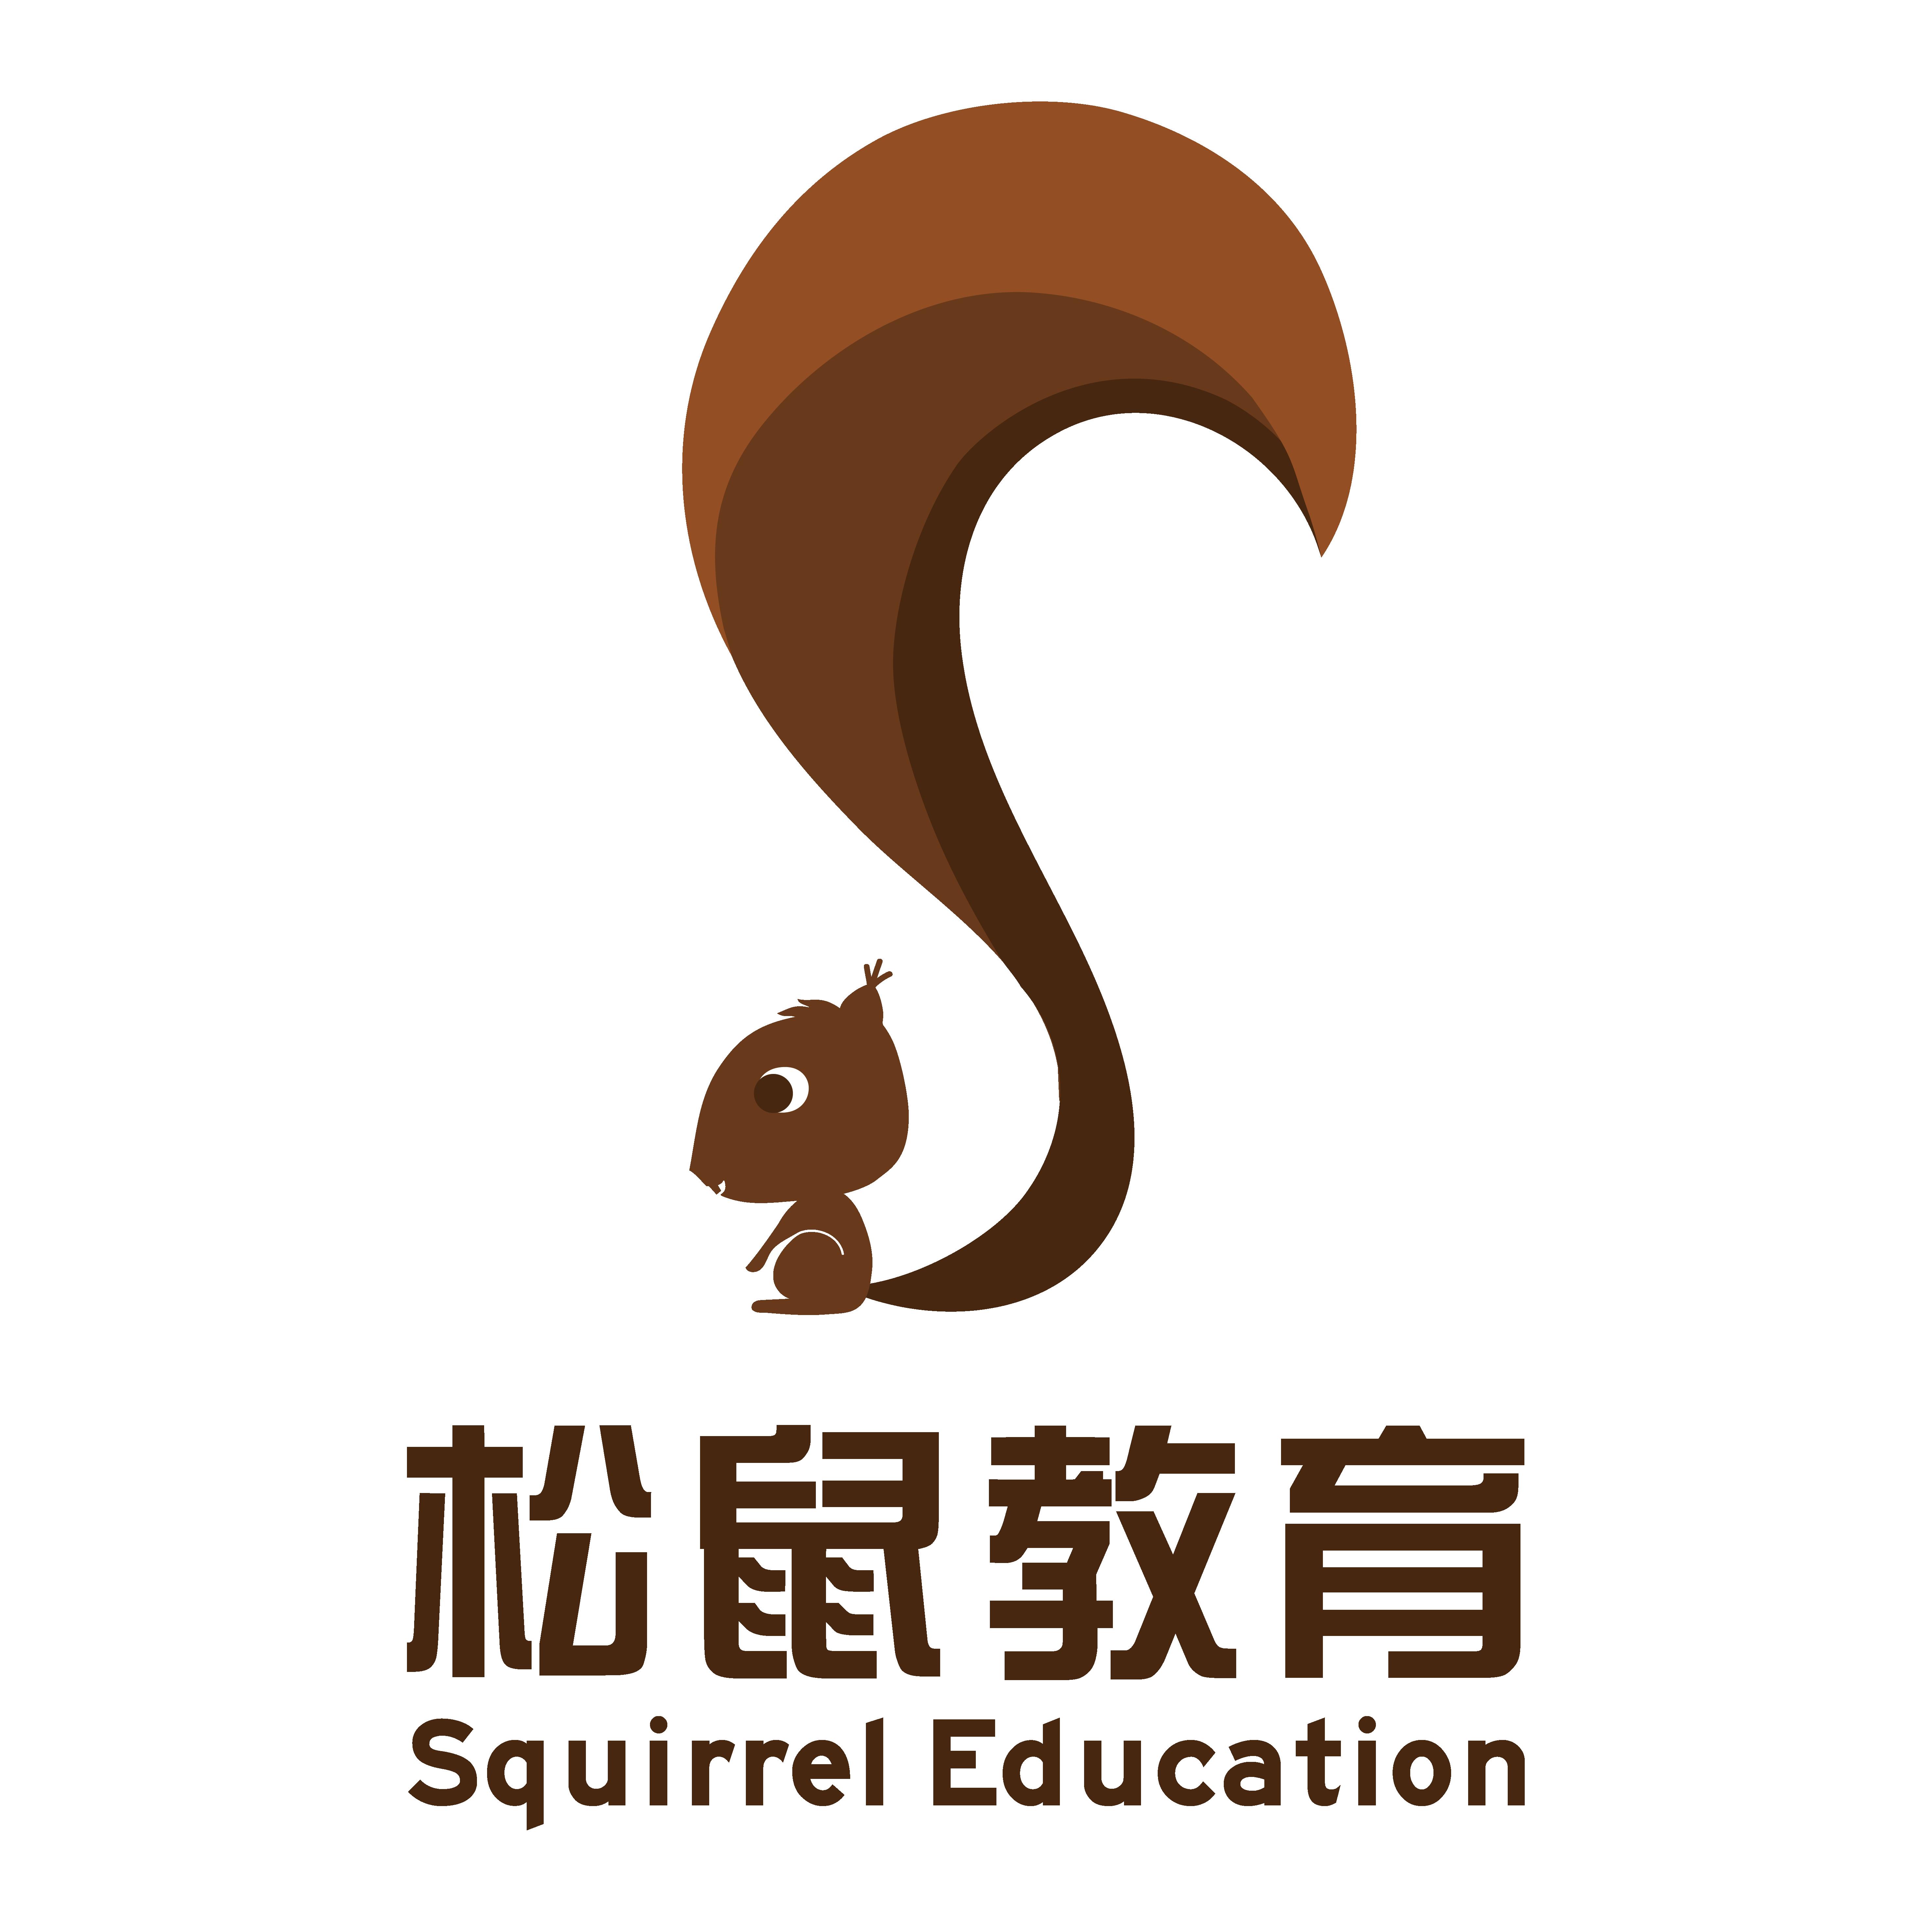 深圳市松鼠教育科技有限公司